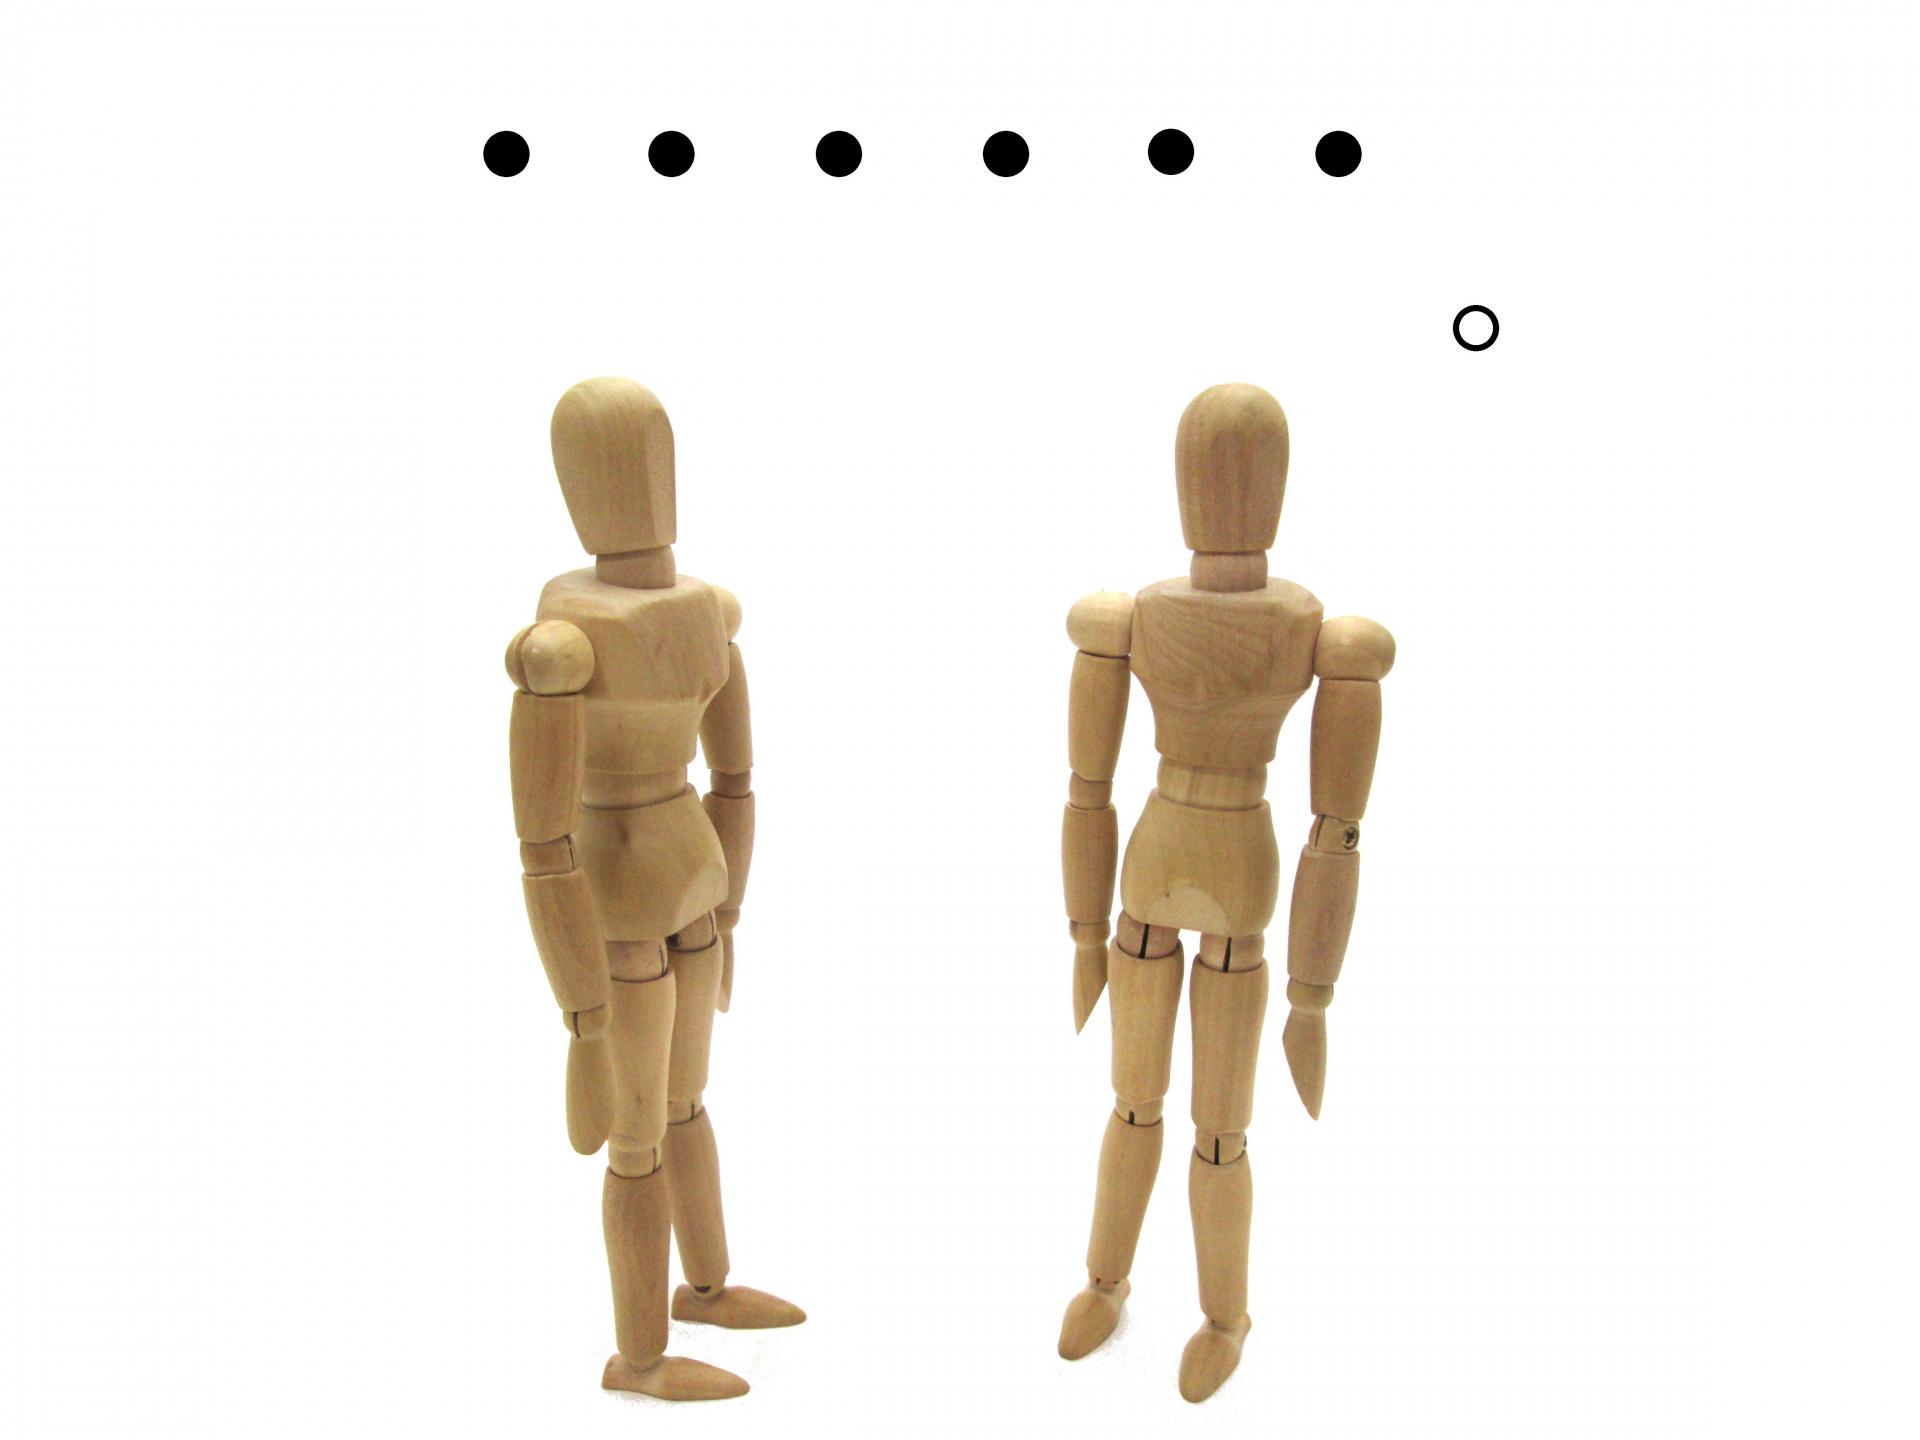 【元コンビニ店員が教える】人見知りが初対面の相手との距離を無理なく縮める3つの方法